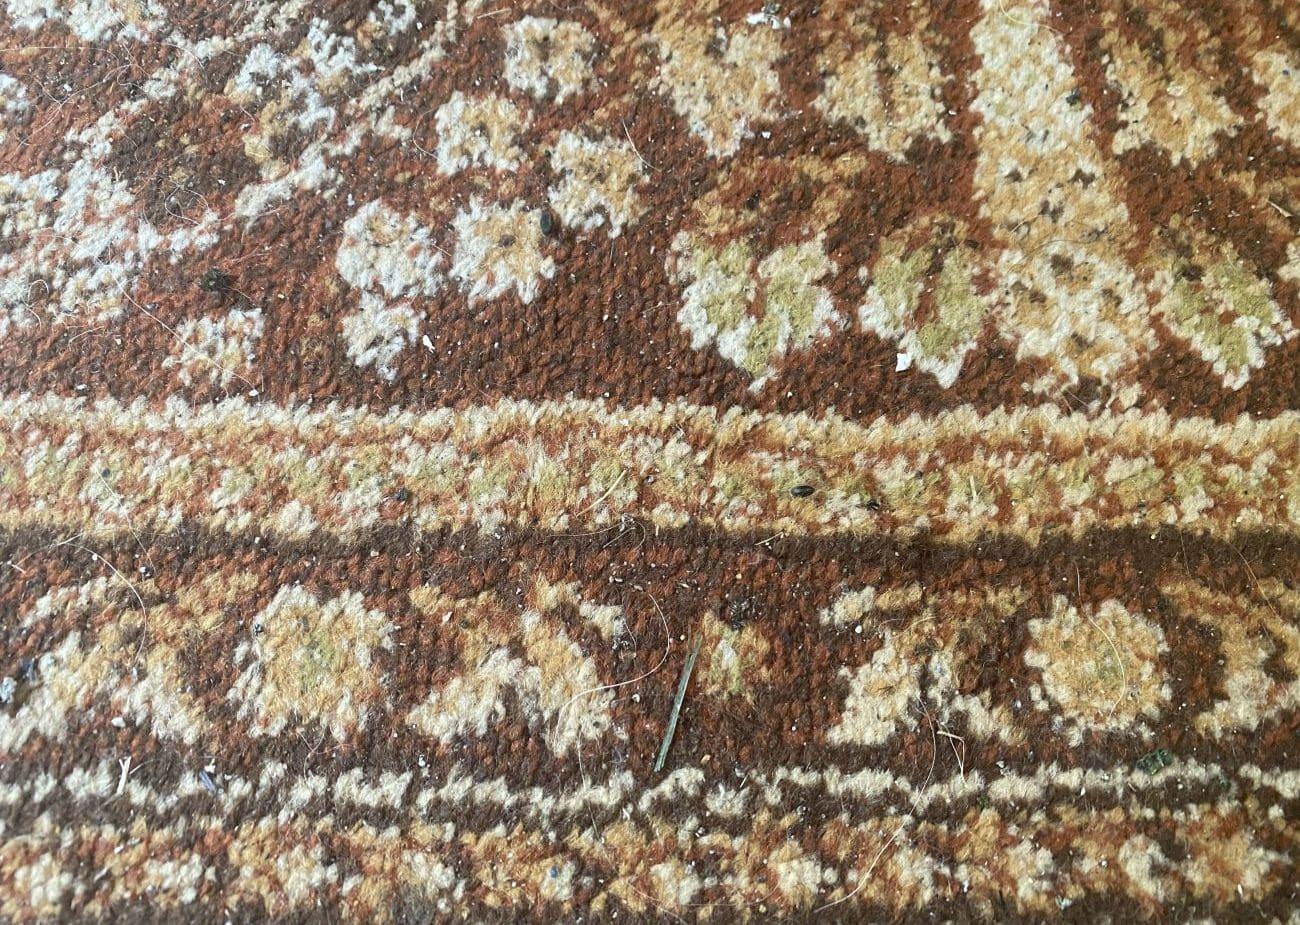 Ekstremalnie zaśmiecony dywan przed testem odkurzania Tefal X-plorer Serie 95 Animal RG7975 2